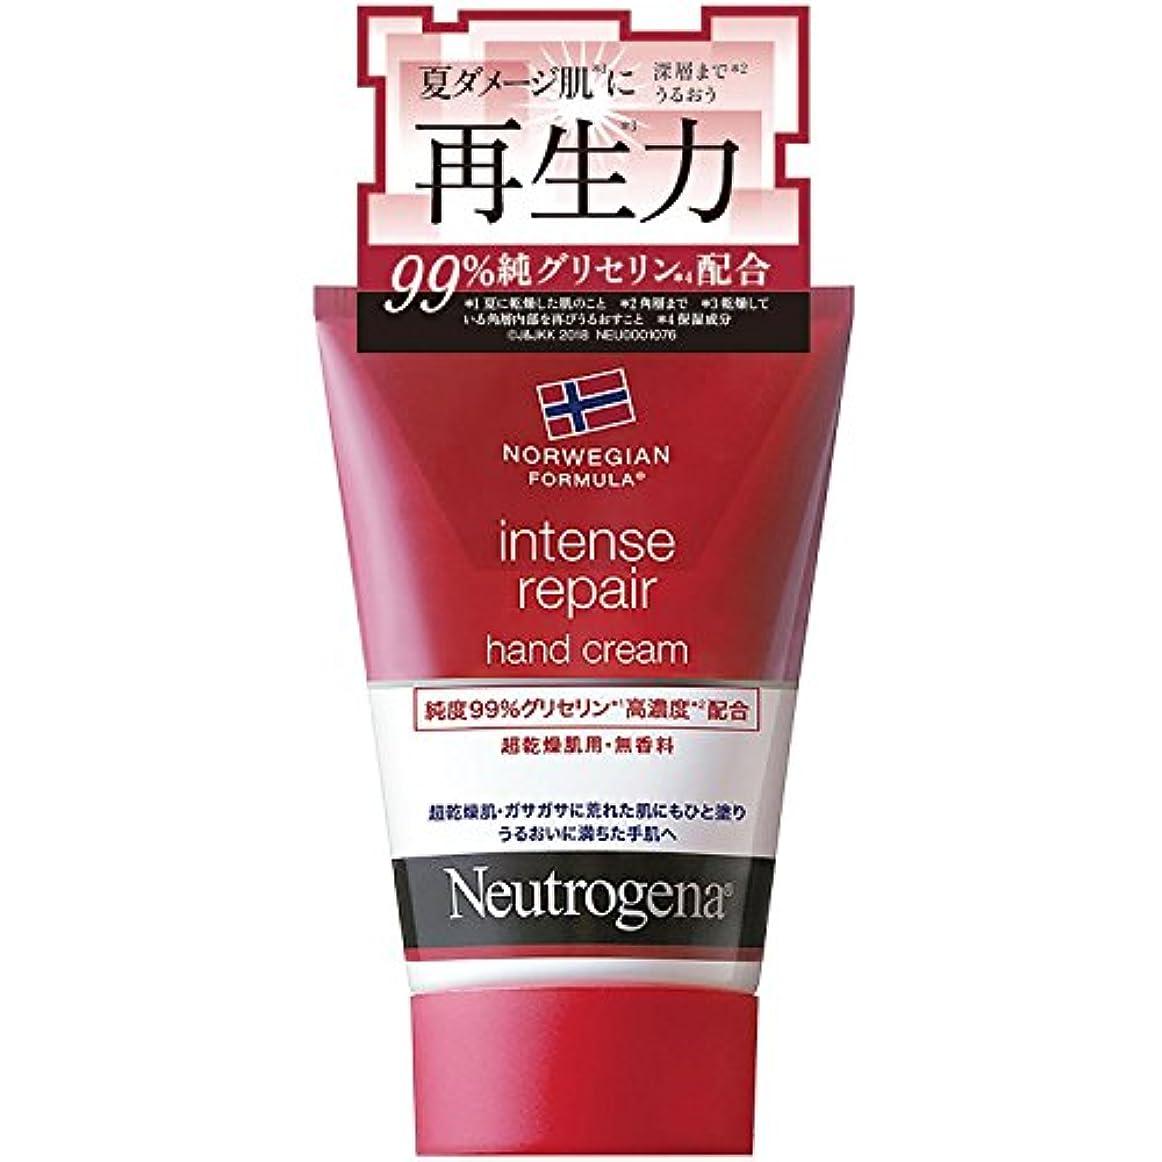 非互換ケーブル食用Neutrogena(ニュートロジーナ) ノルウェーフォーミュラ インテンスリペア ハンドクリーム 超乾燥肌用 無香料 単品 50g